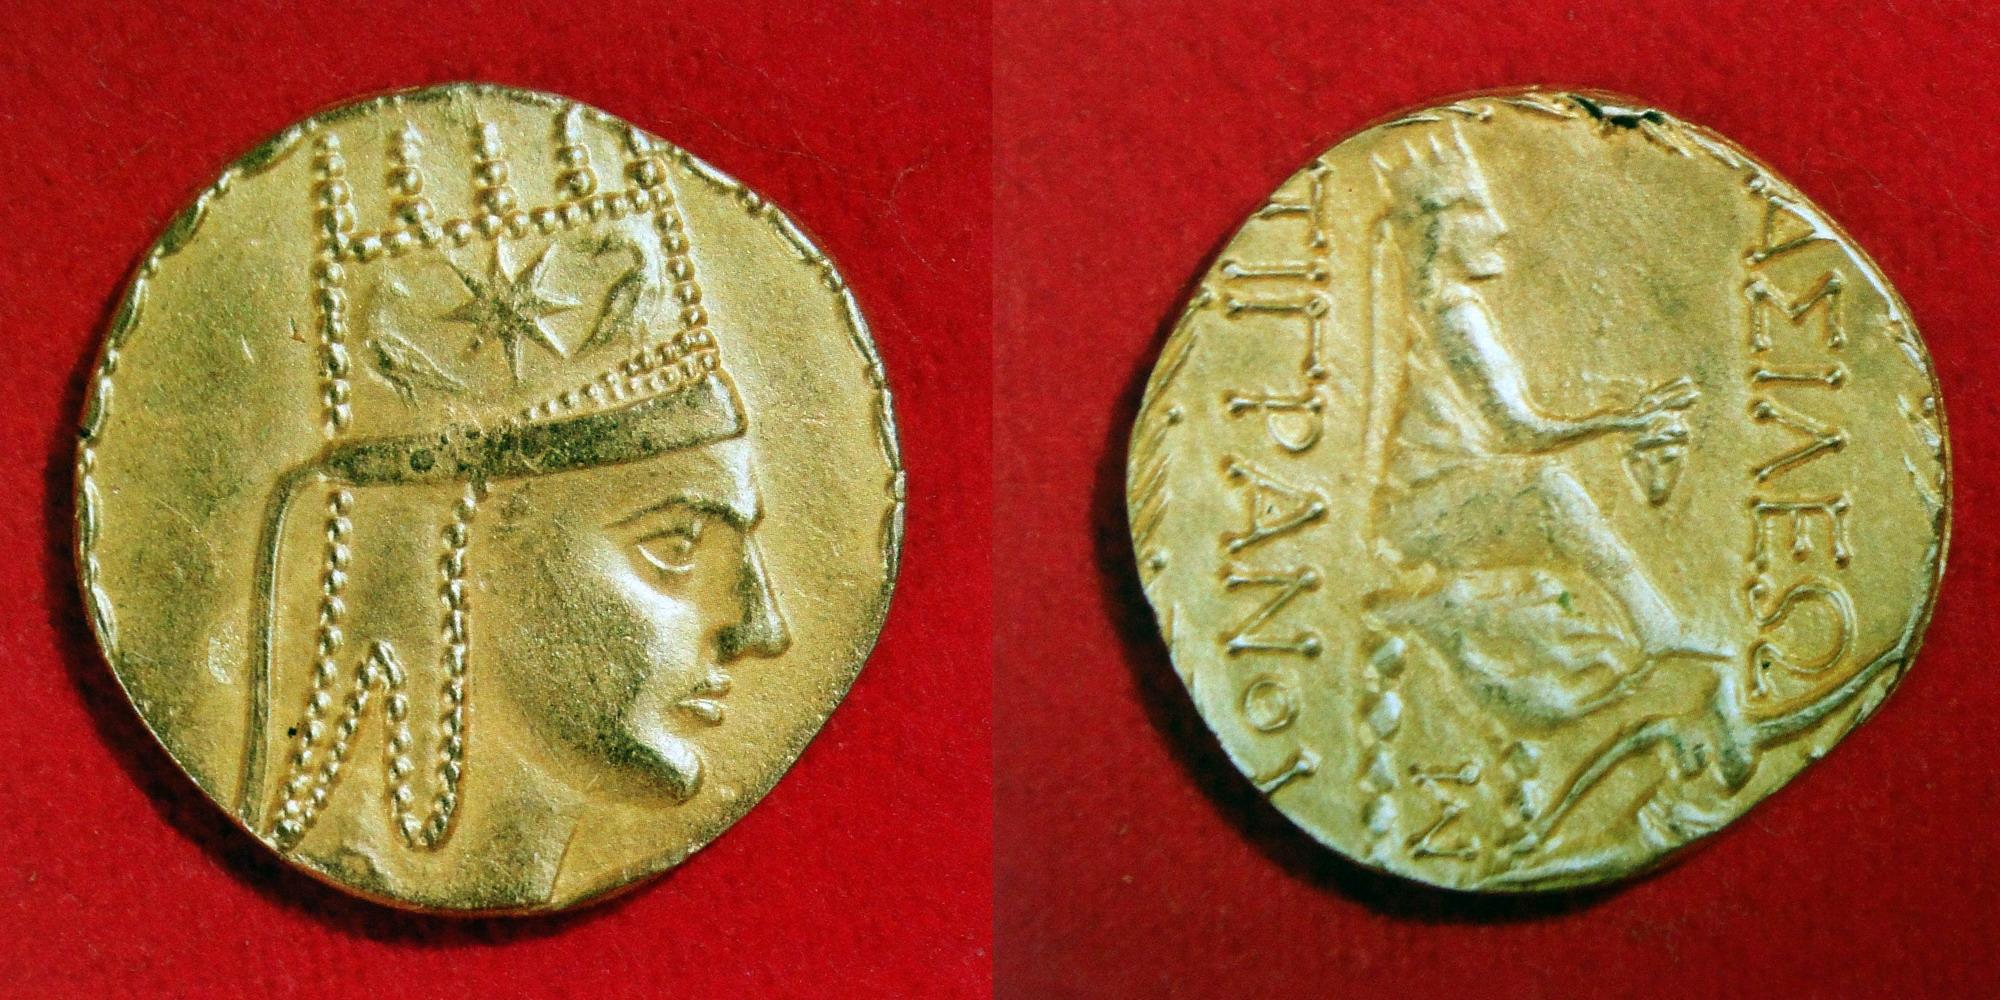 Золотая монета тиграна великого - vahe martirosyan's blog.